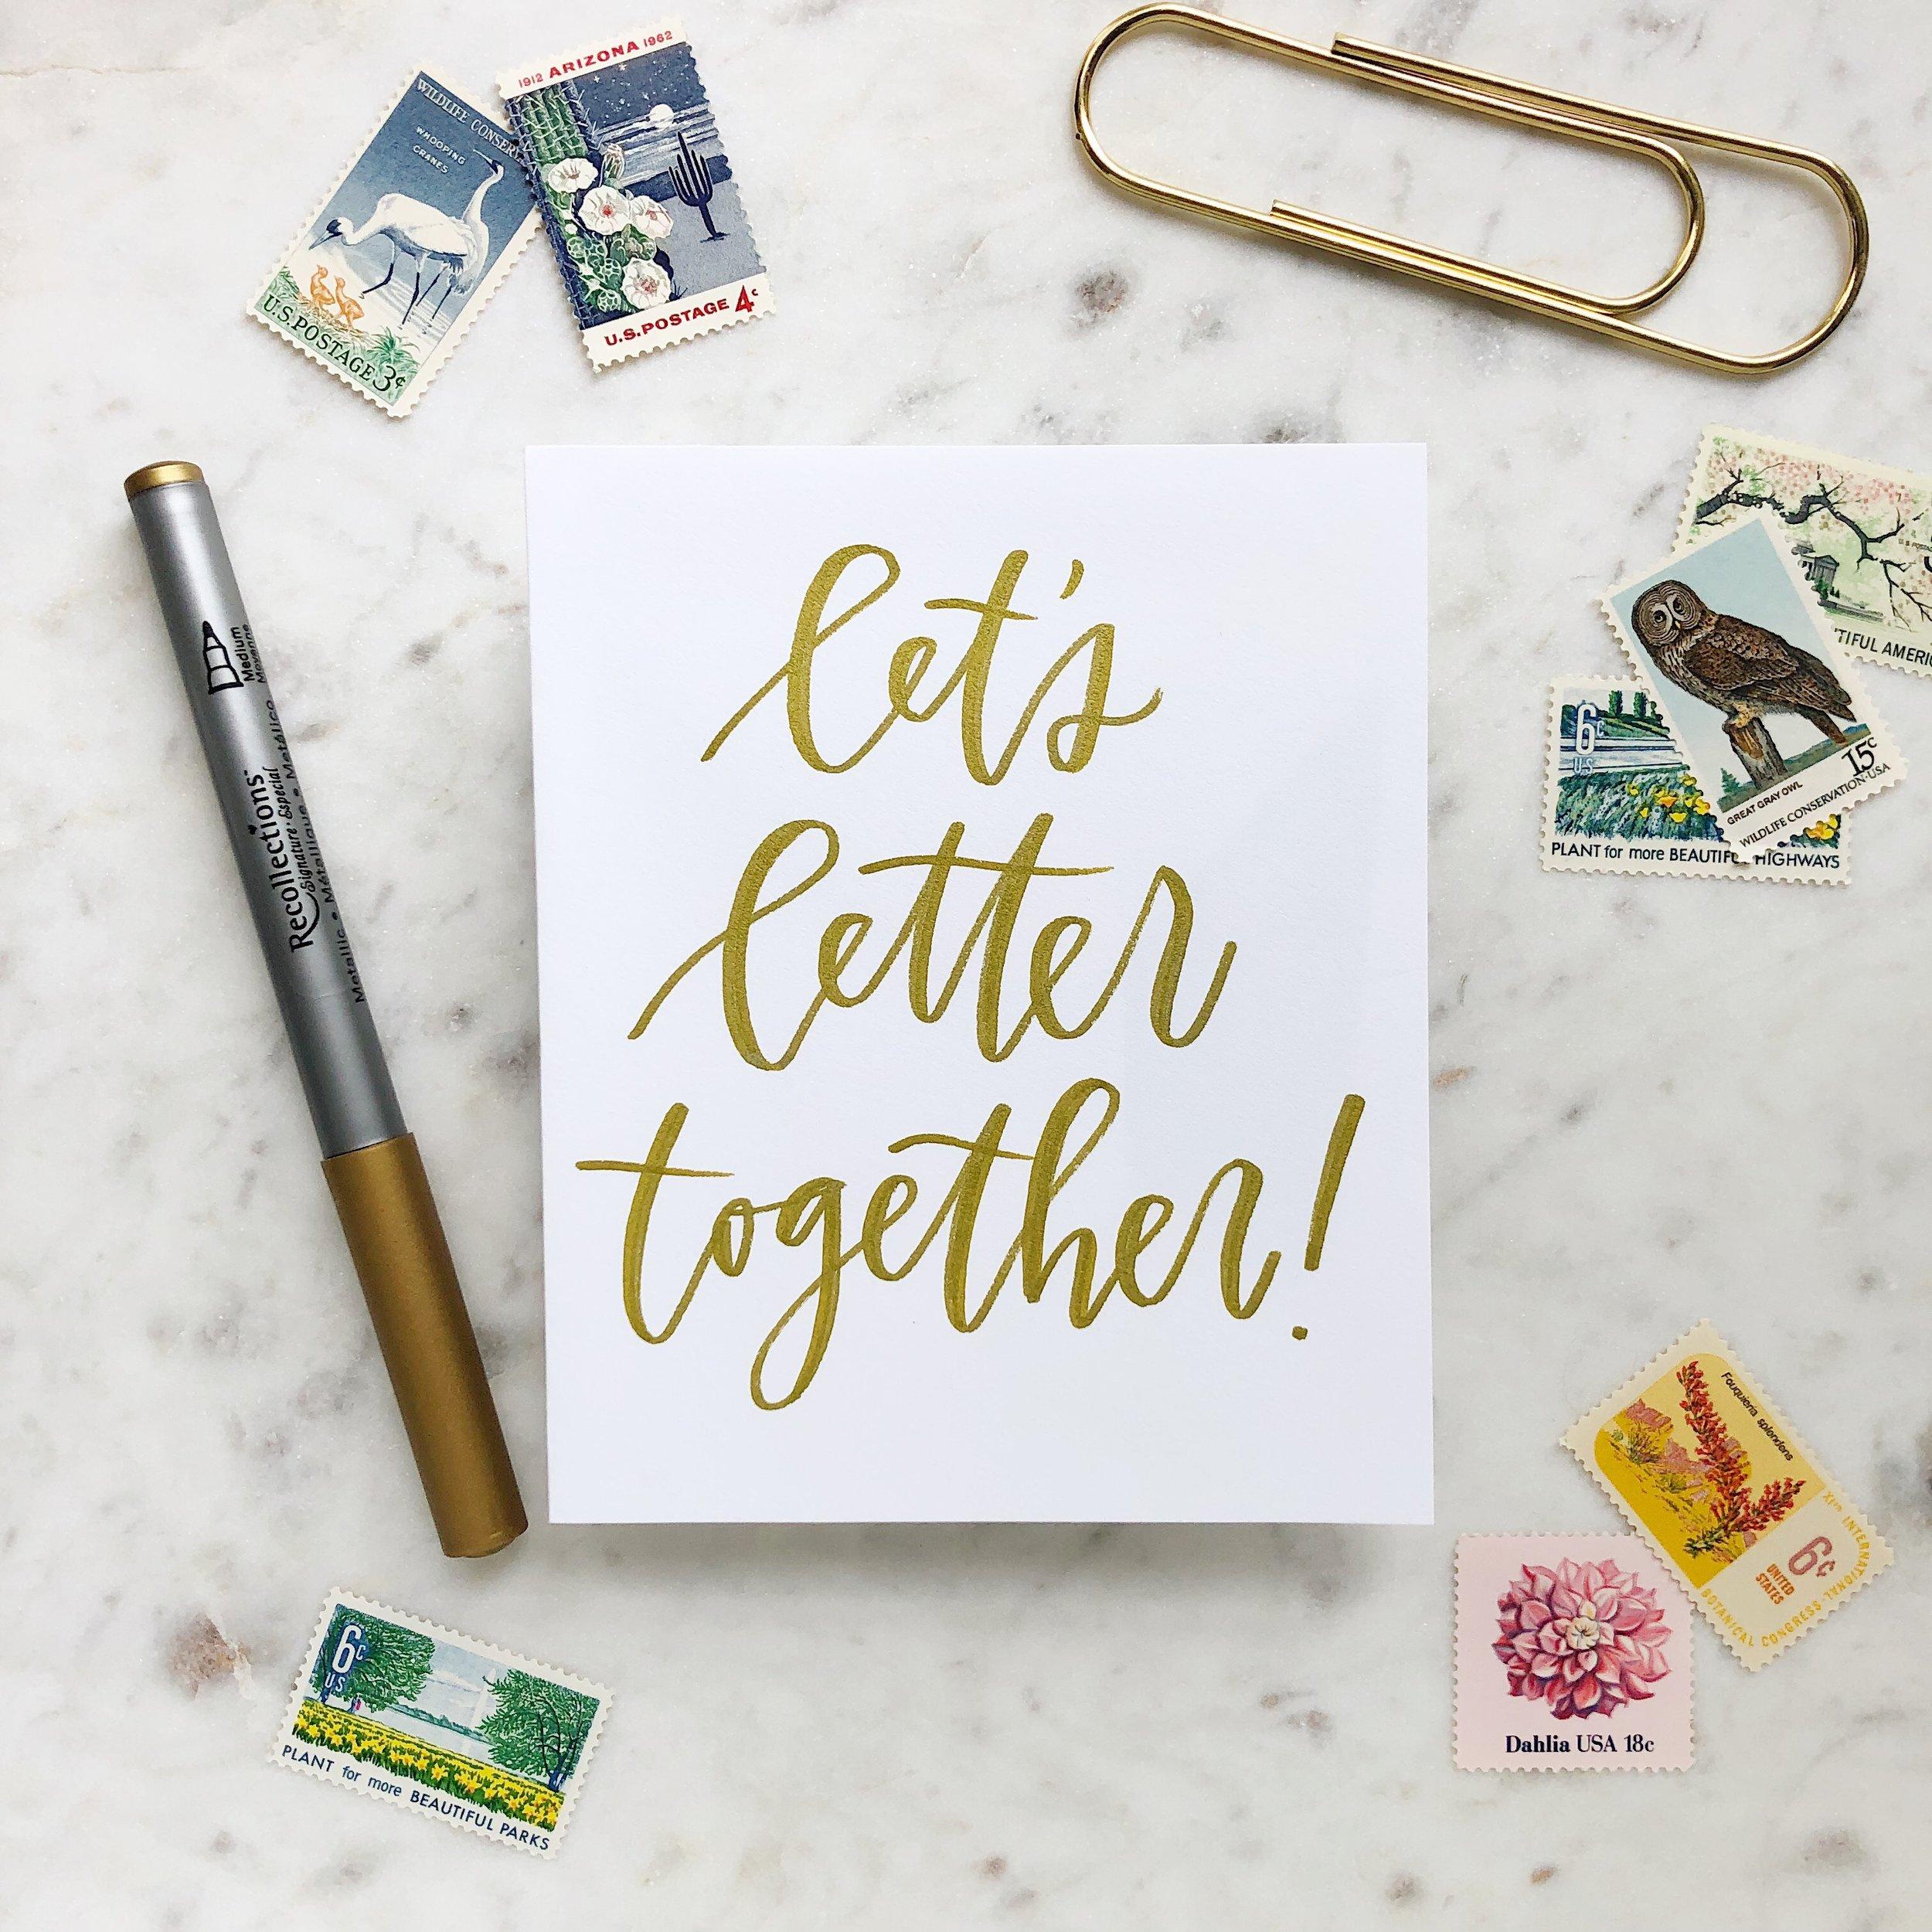 Let's Letter Together Image.jpeg